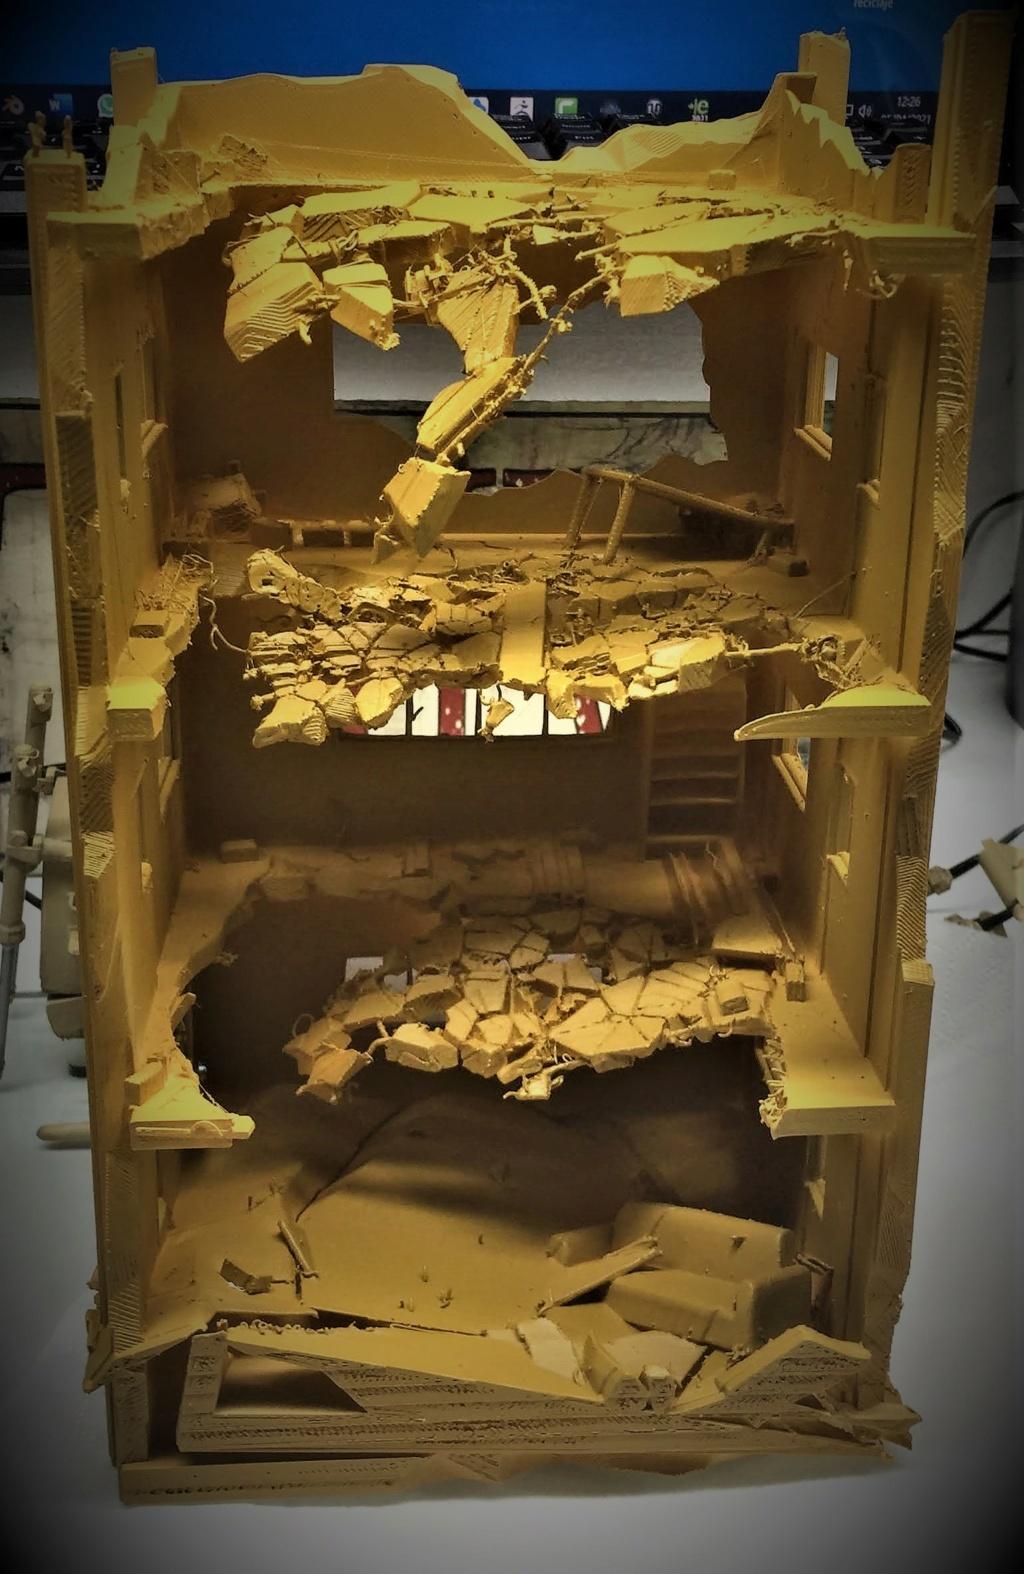 Maison en ruine au 1/35 Plastique fondu Img_5858